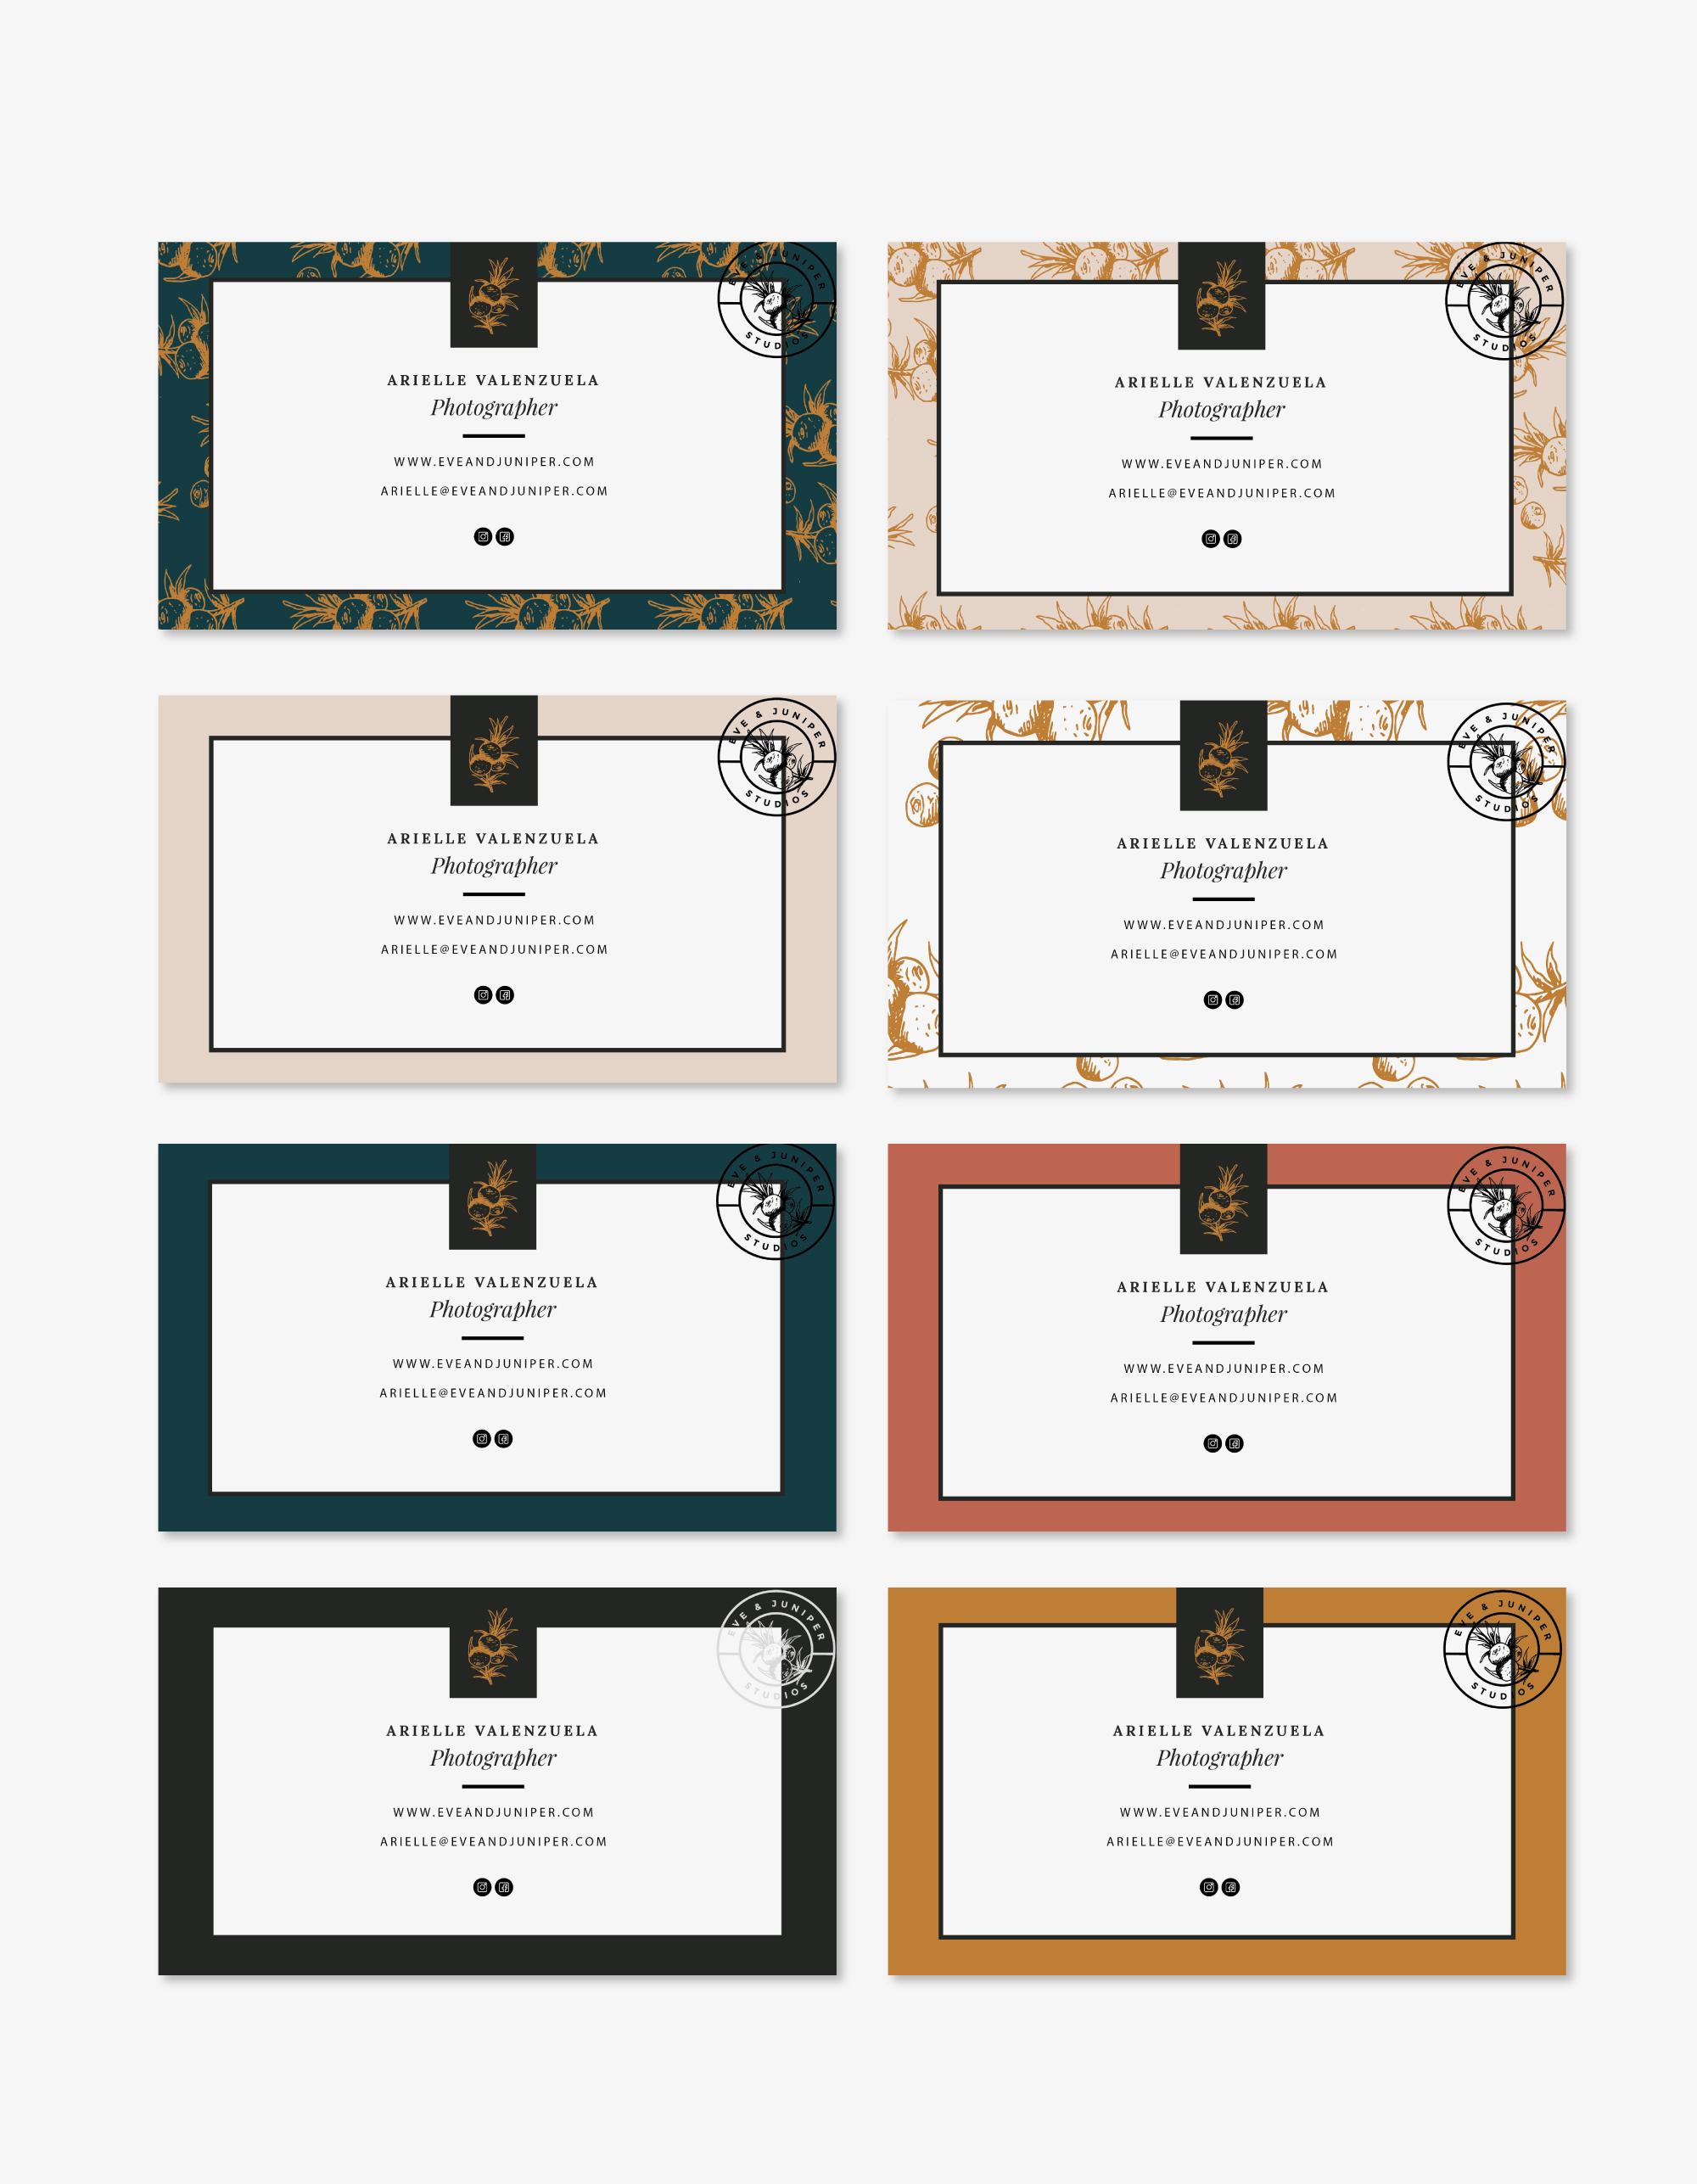 busiess-card-coluopr-variations.jpg